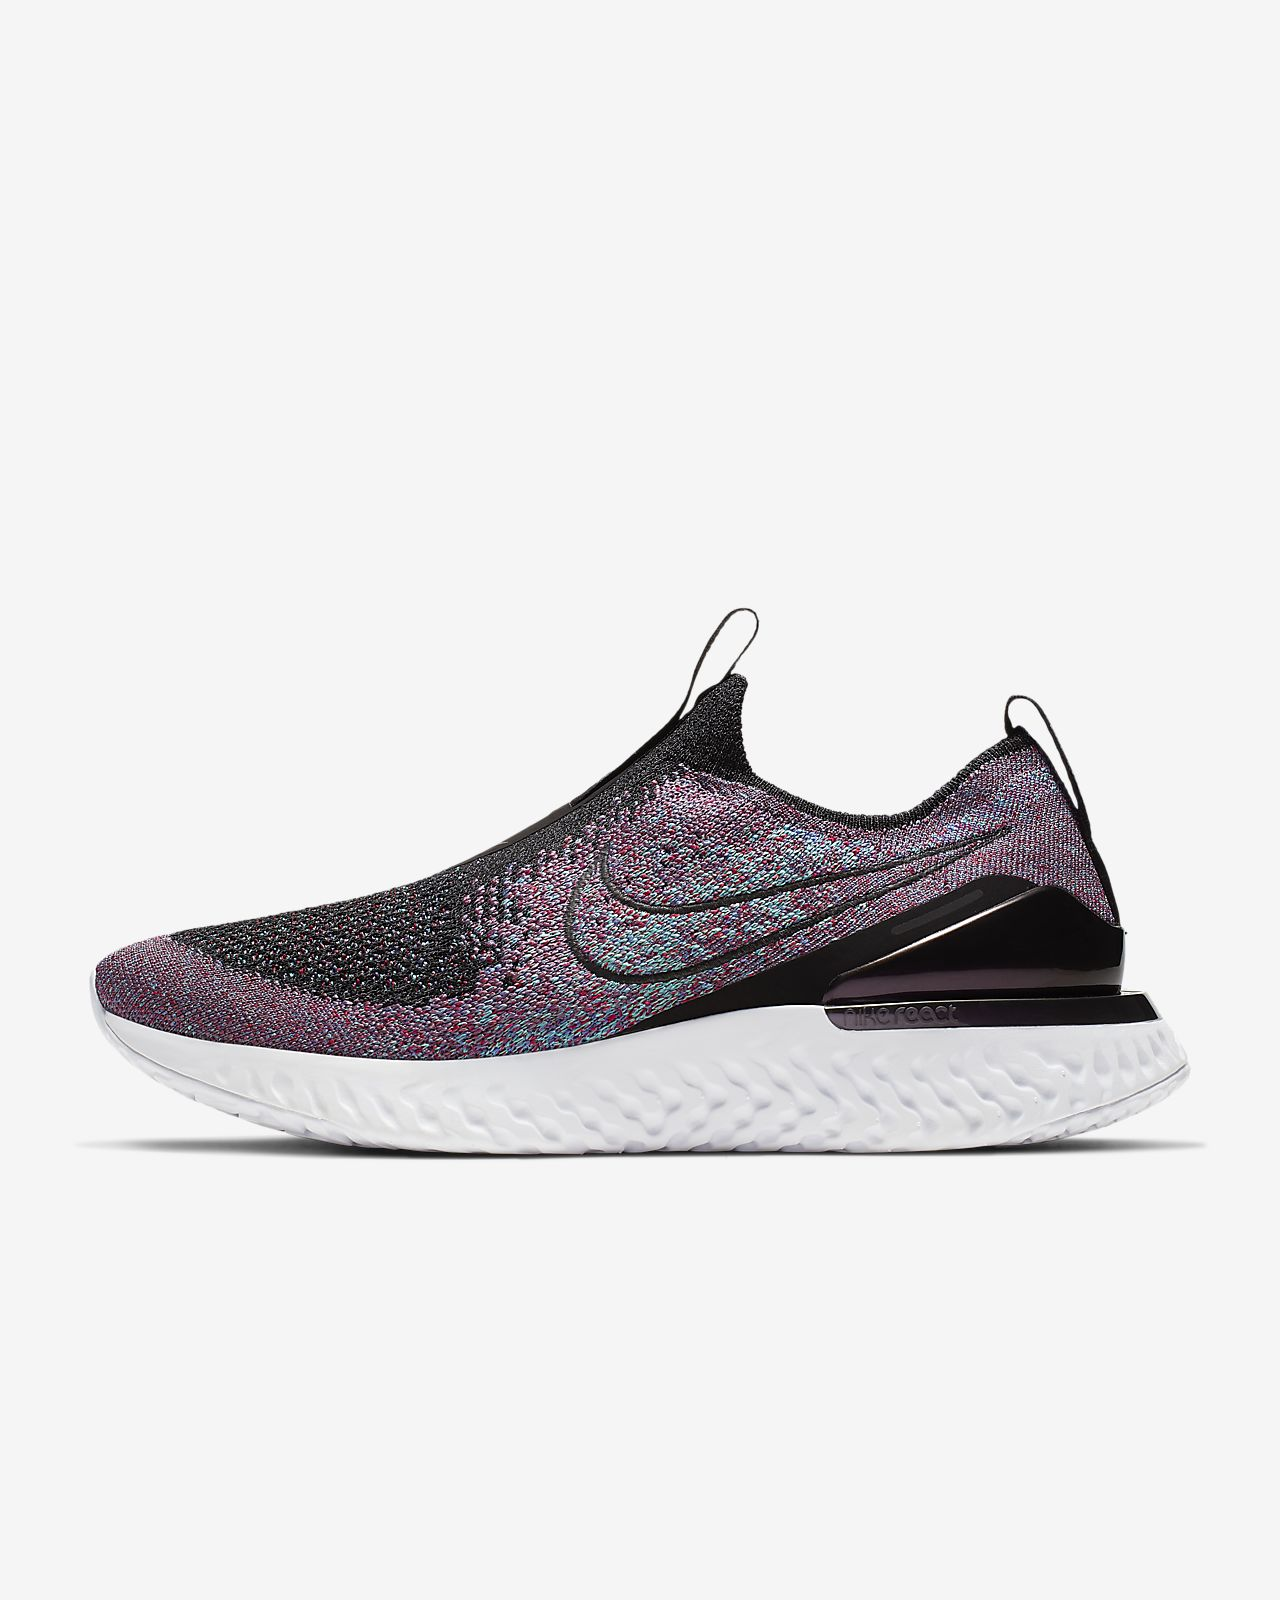 26249ec98a40 Nike Epic Phantom React Flyknit Women s Running Shoe. Nike.com DK